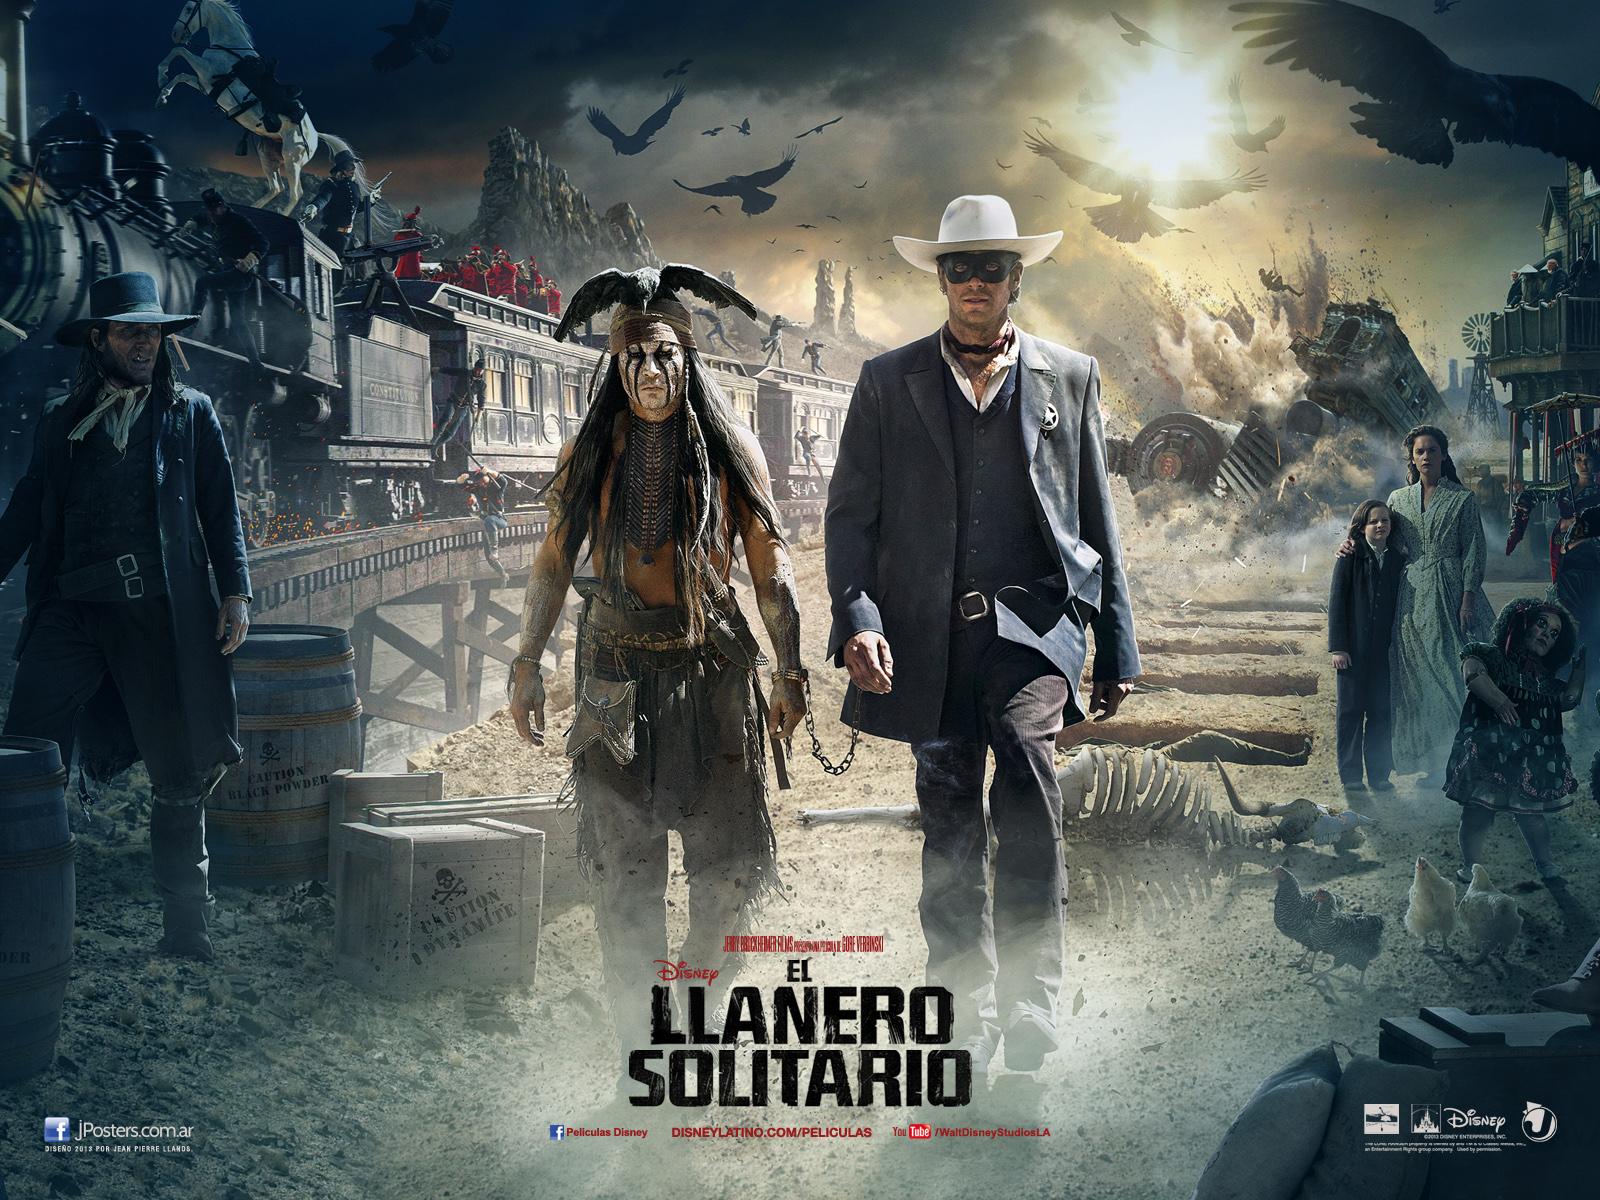 Wallpaper Latino De El Llanero Solitario Diferentes